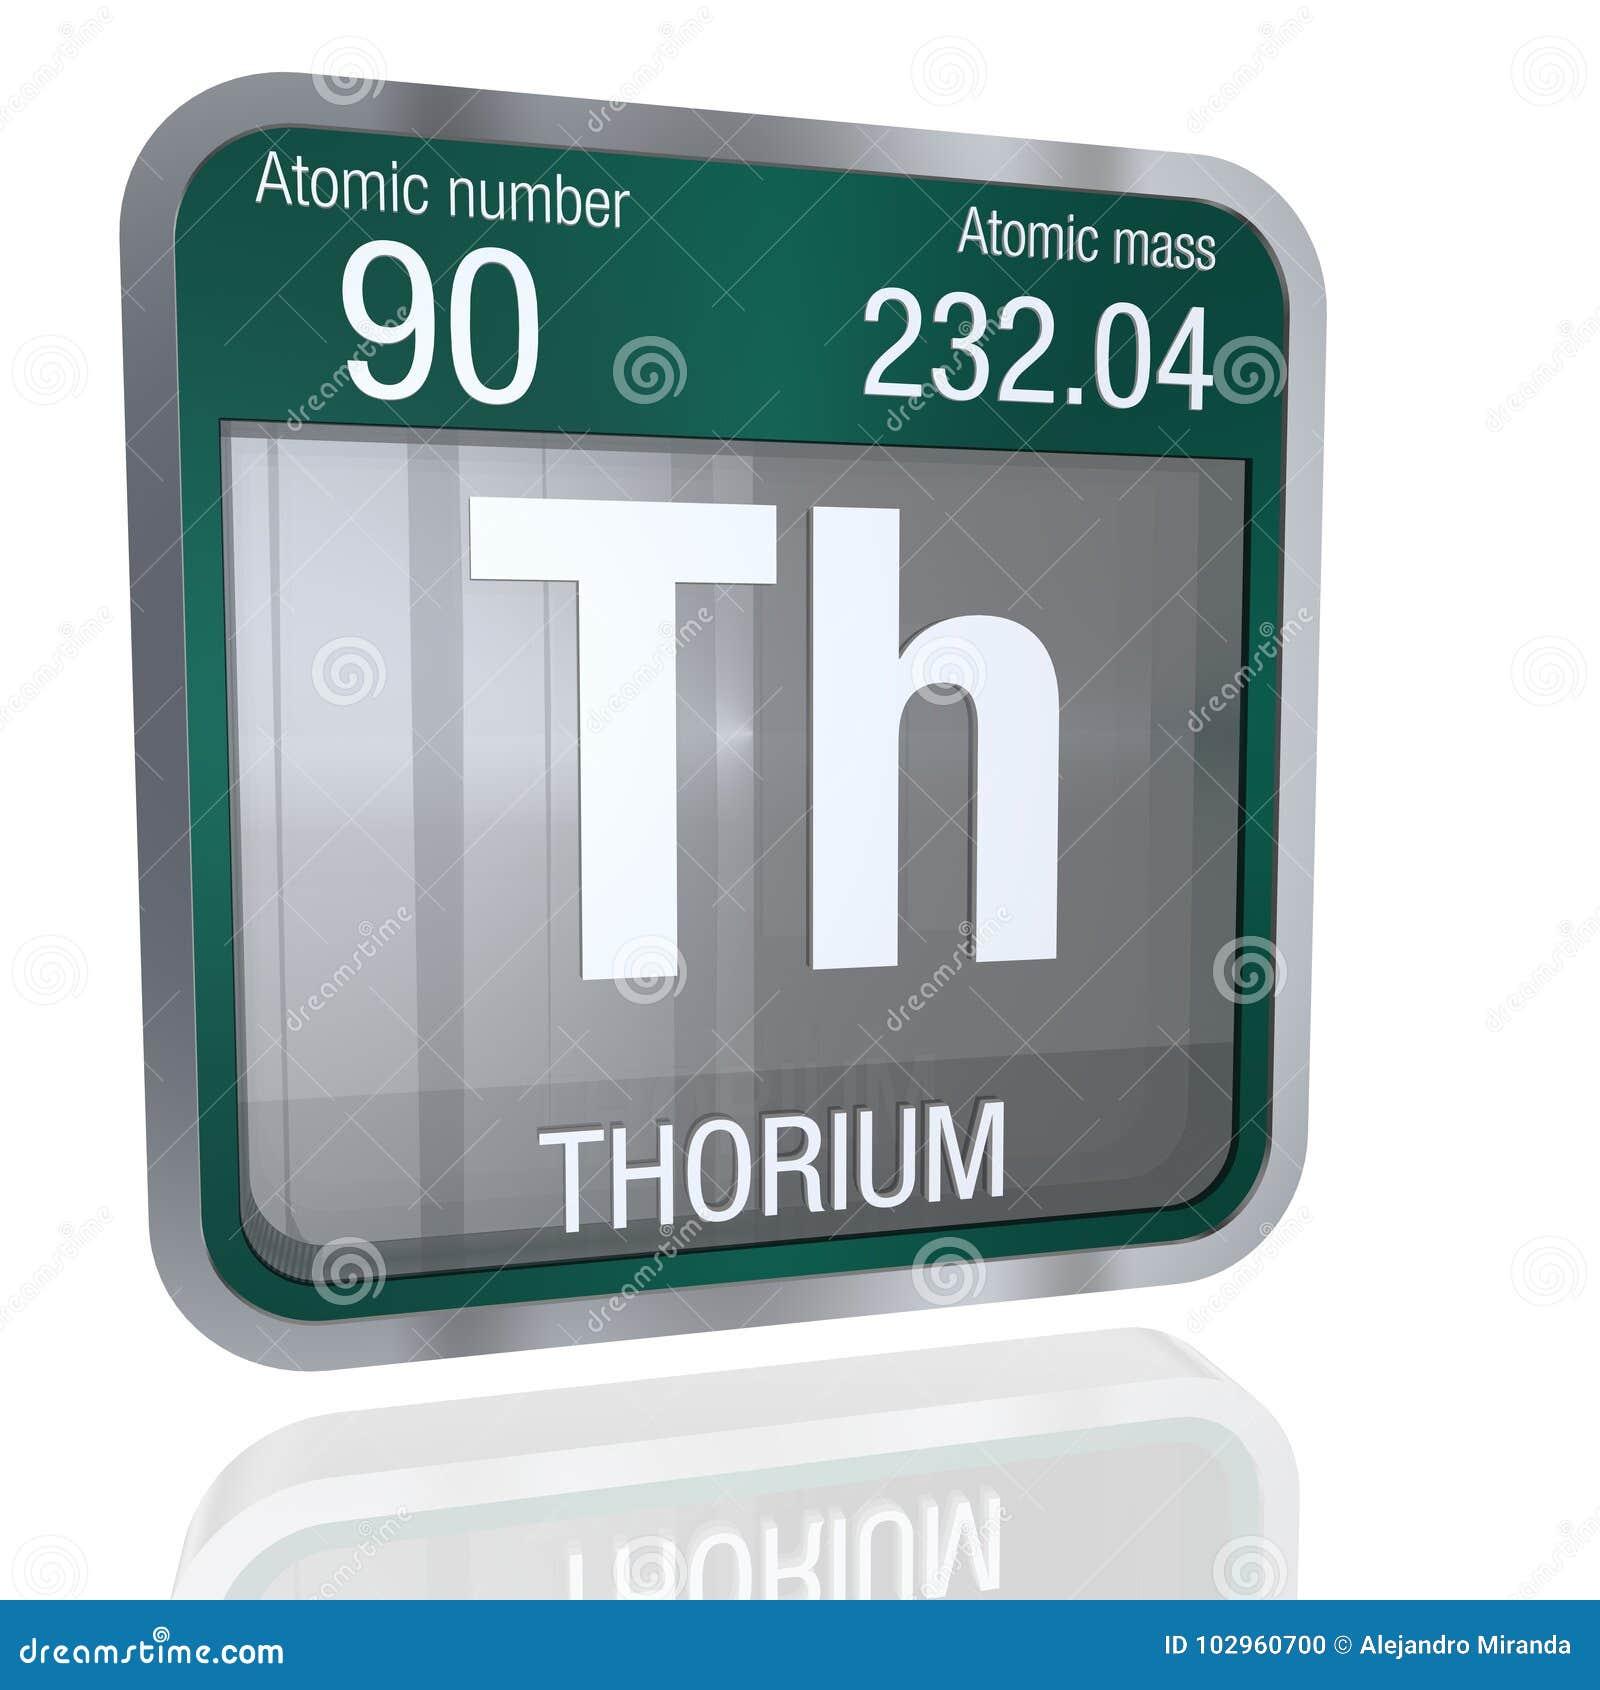 Thorium Symbol In Square Shape With Metallic Border And Transparent